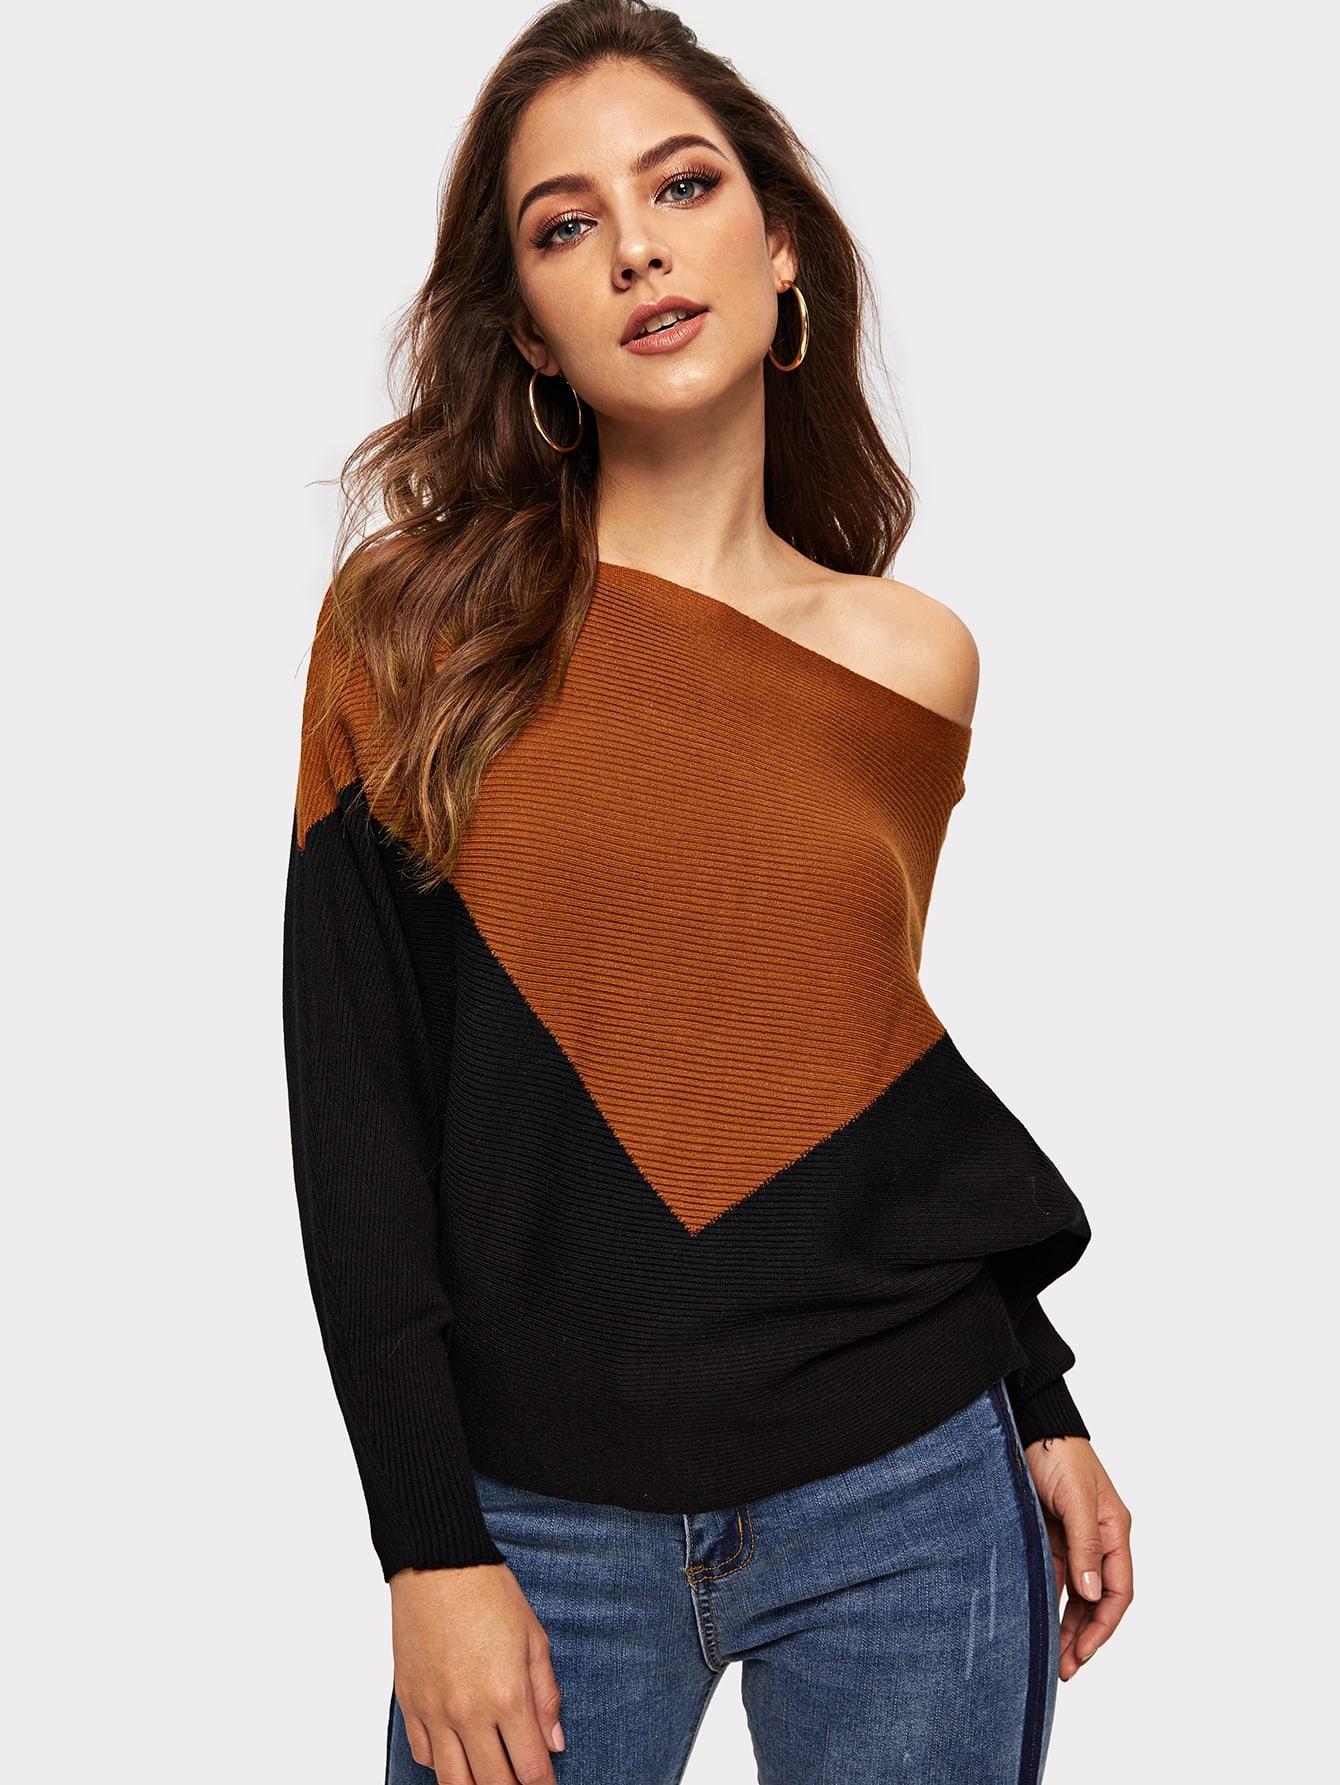 Купить Двухцветный свитер с оригинальным рукавом, Debi Cruz, SheIn